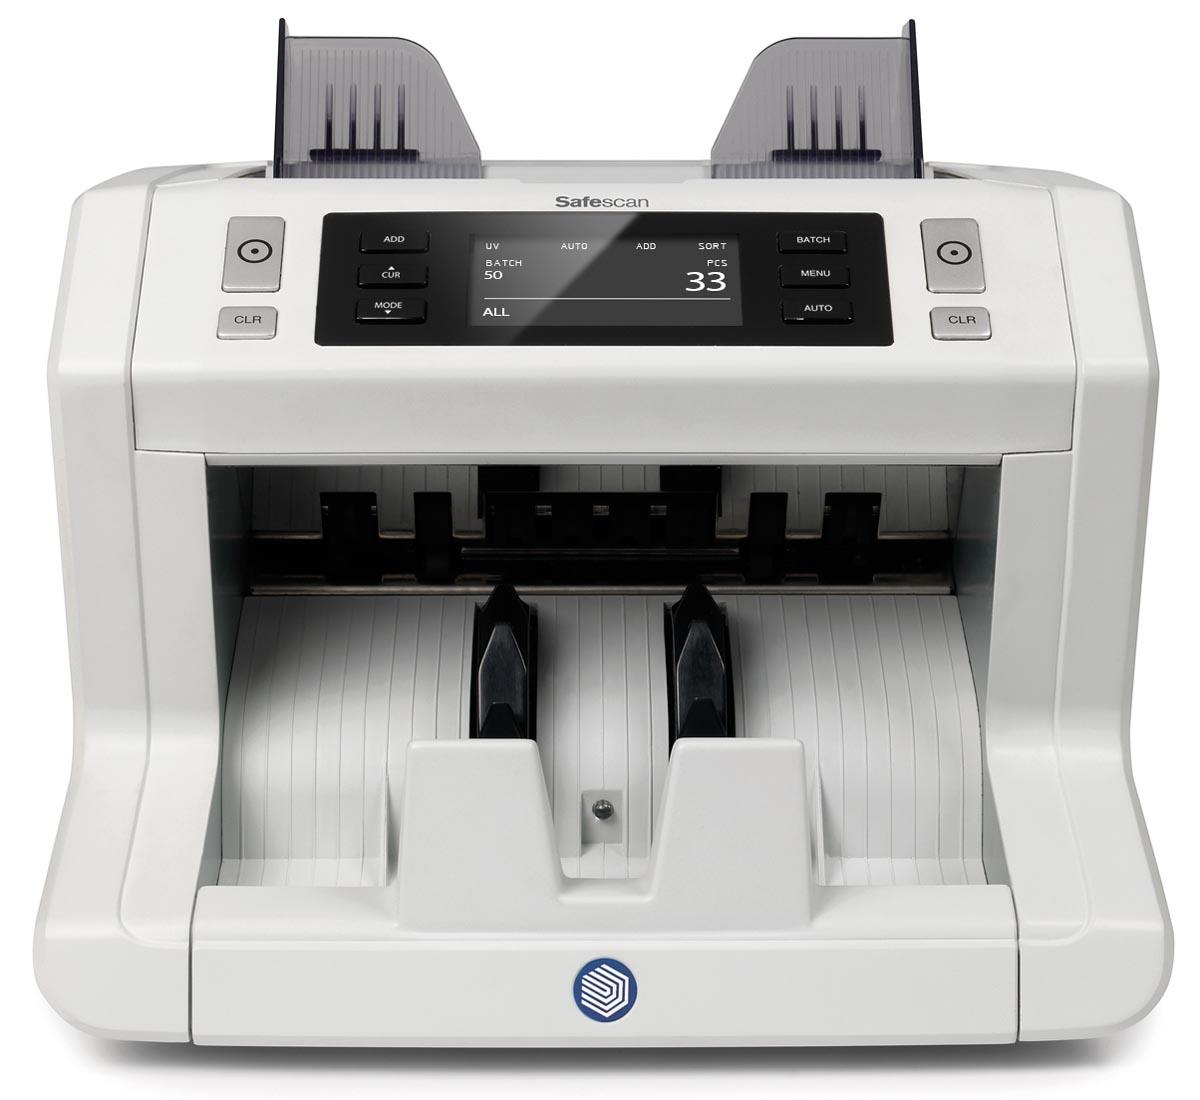 Safescan Automatische biljetmachine 2660-S Wit